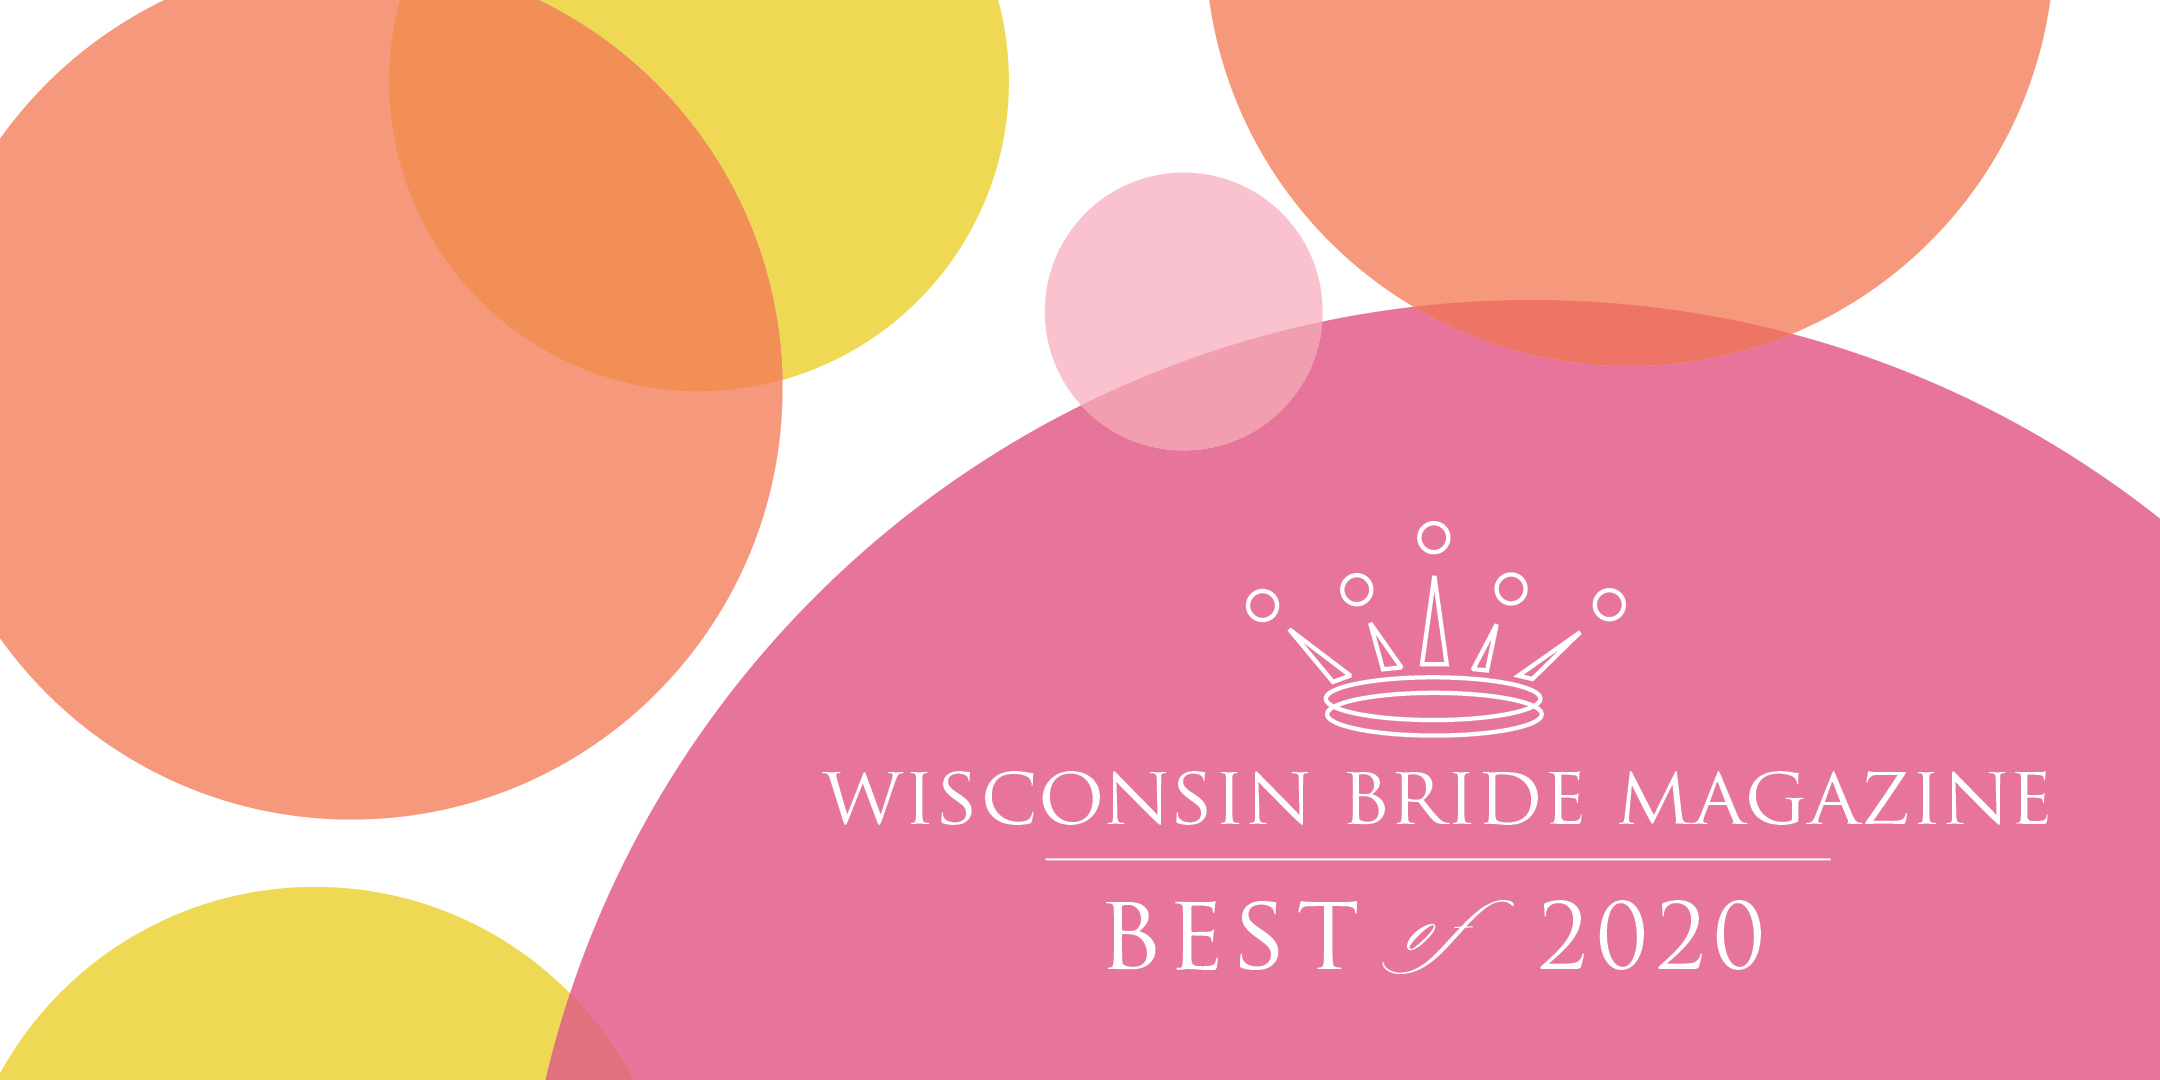 Wisconsin Bride Best Of 2020 Header